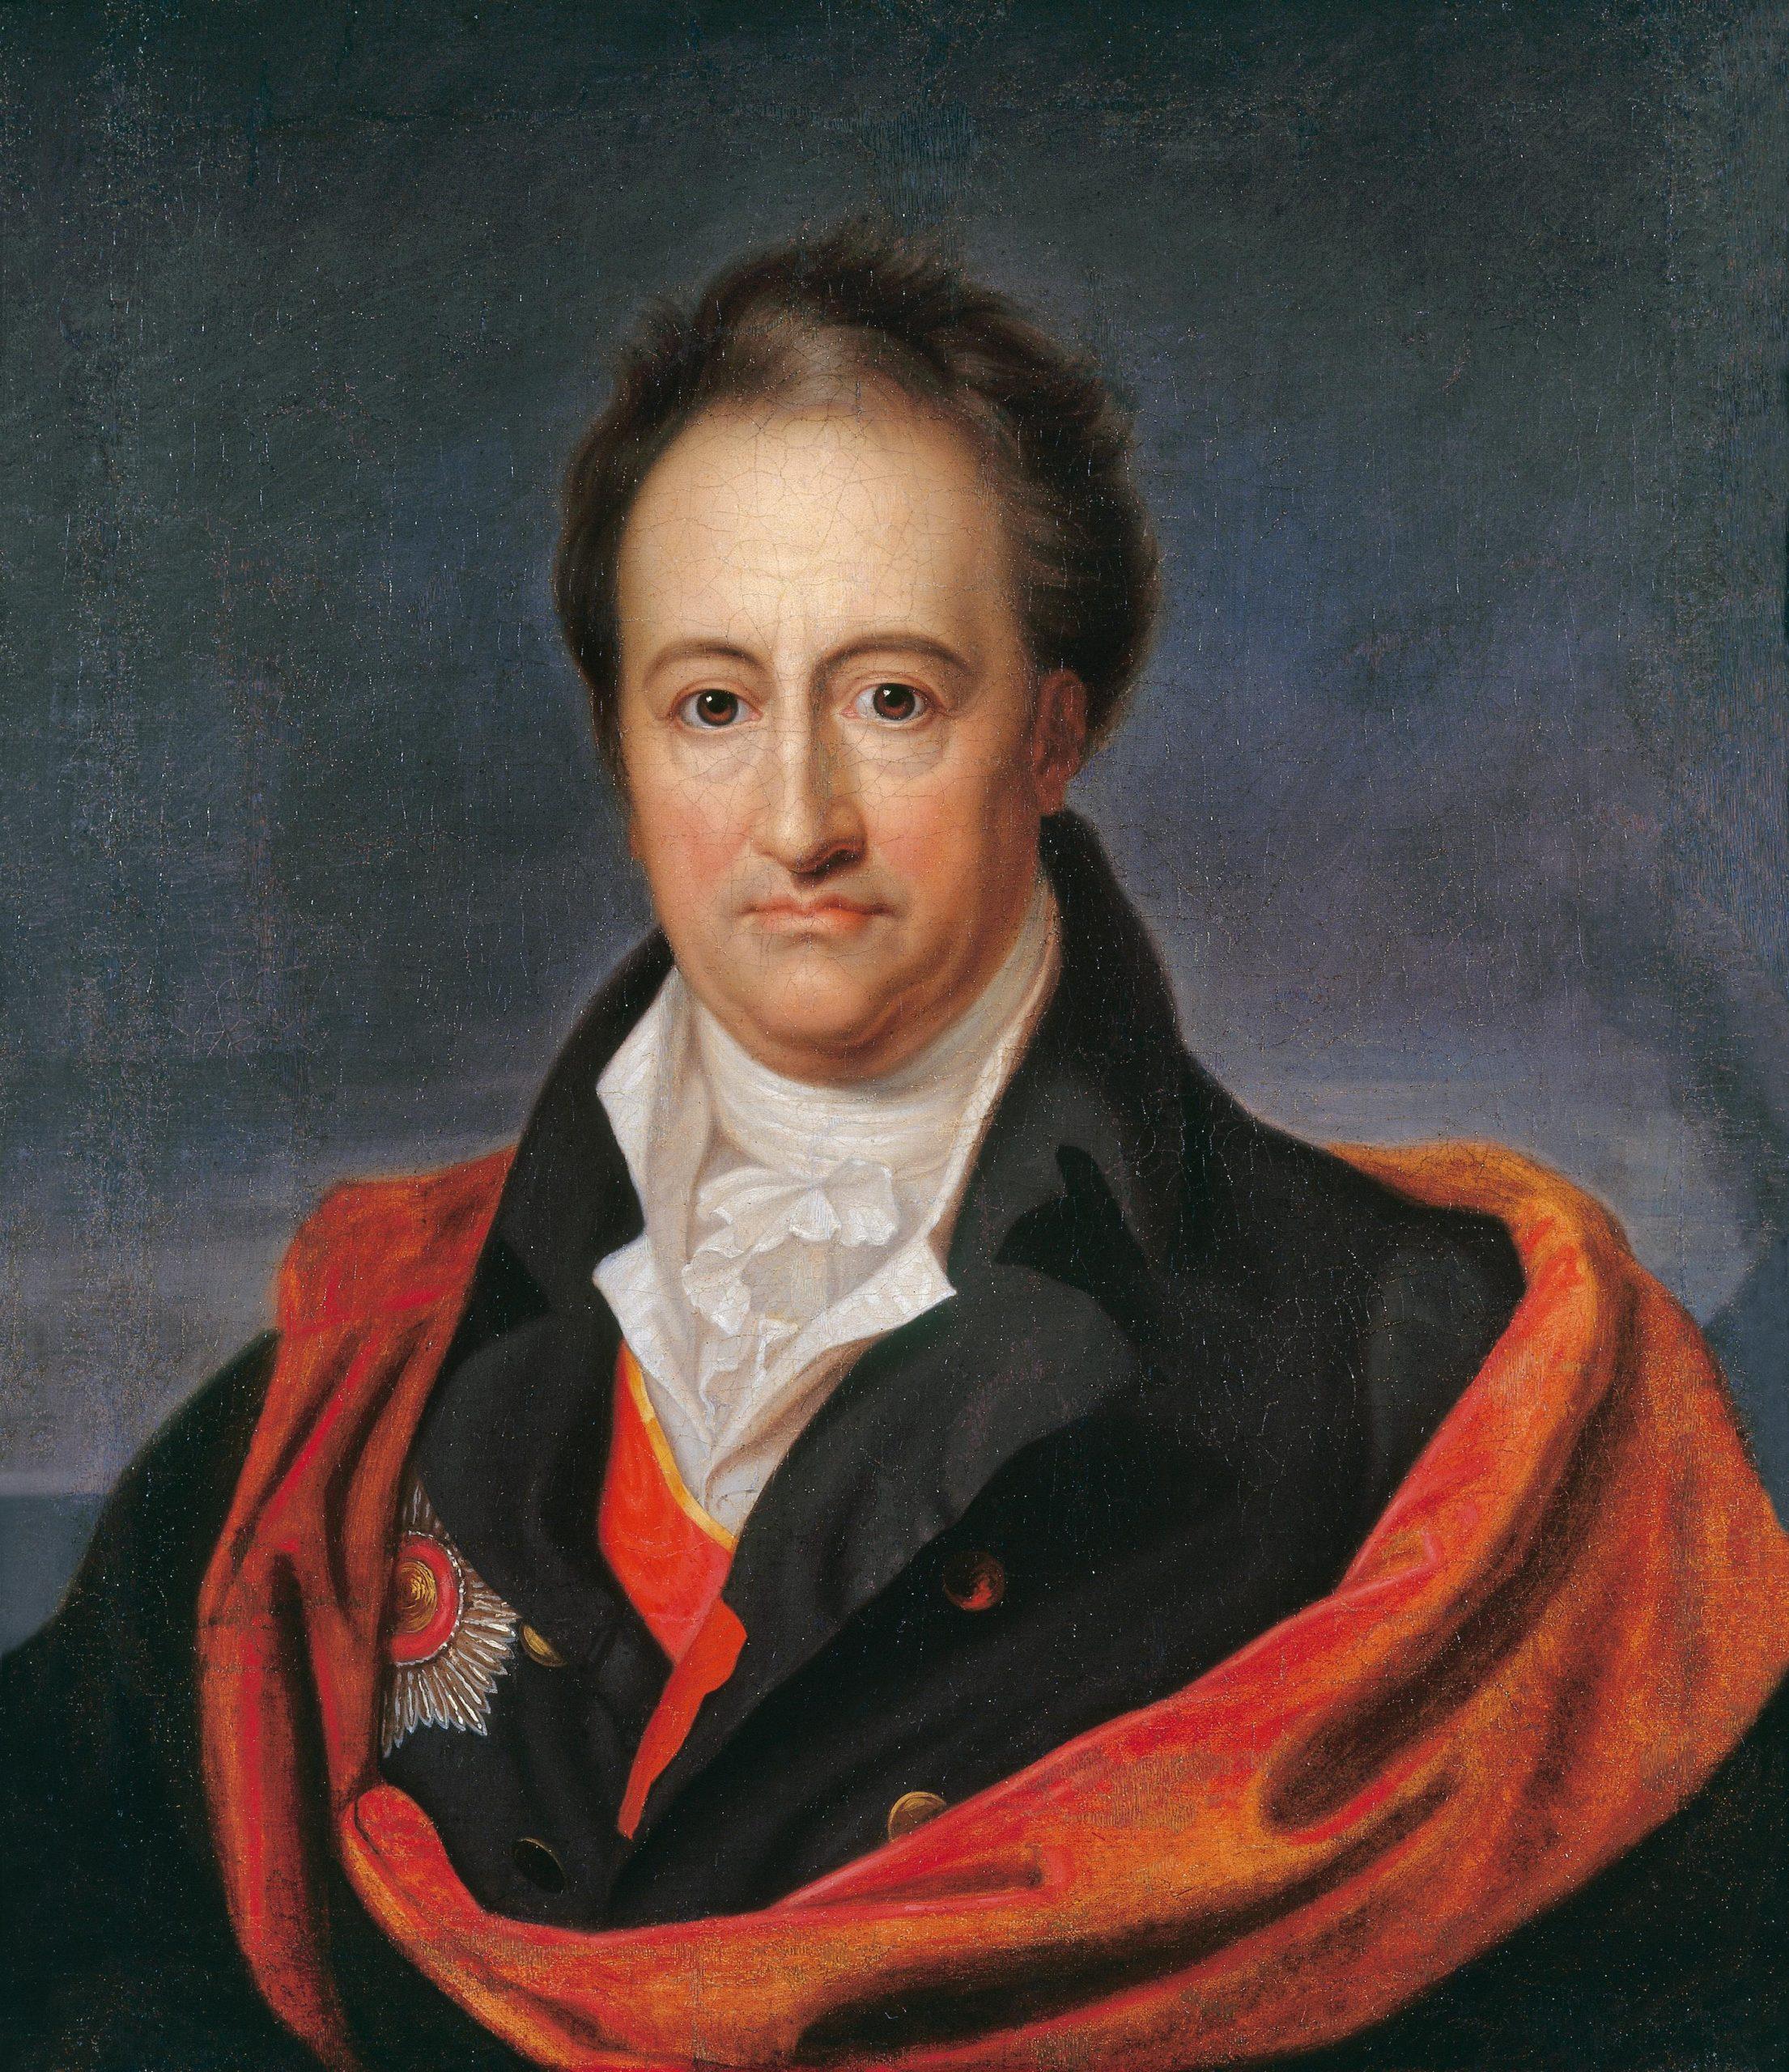 Lemo Bestandsuche - Goethe, Johann Wolfgang Von über Johann Wolfgang Von Goethe Biografie